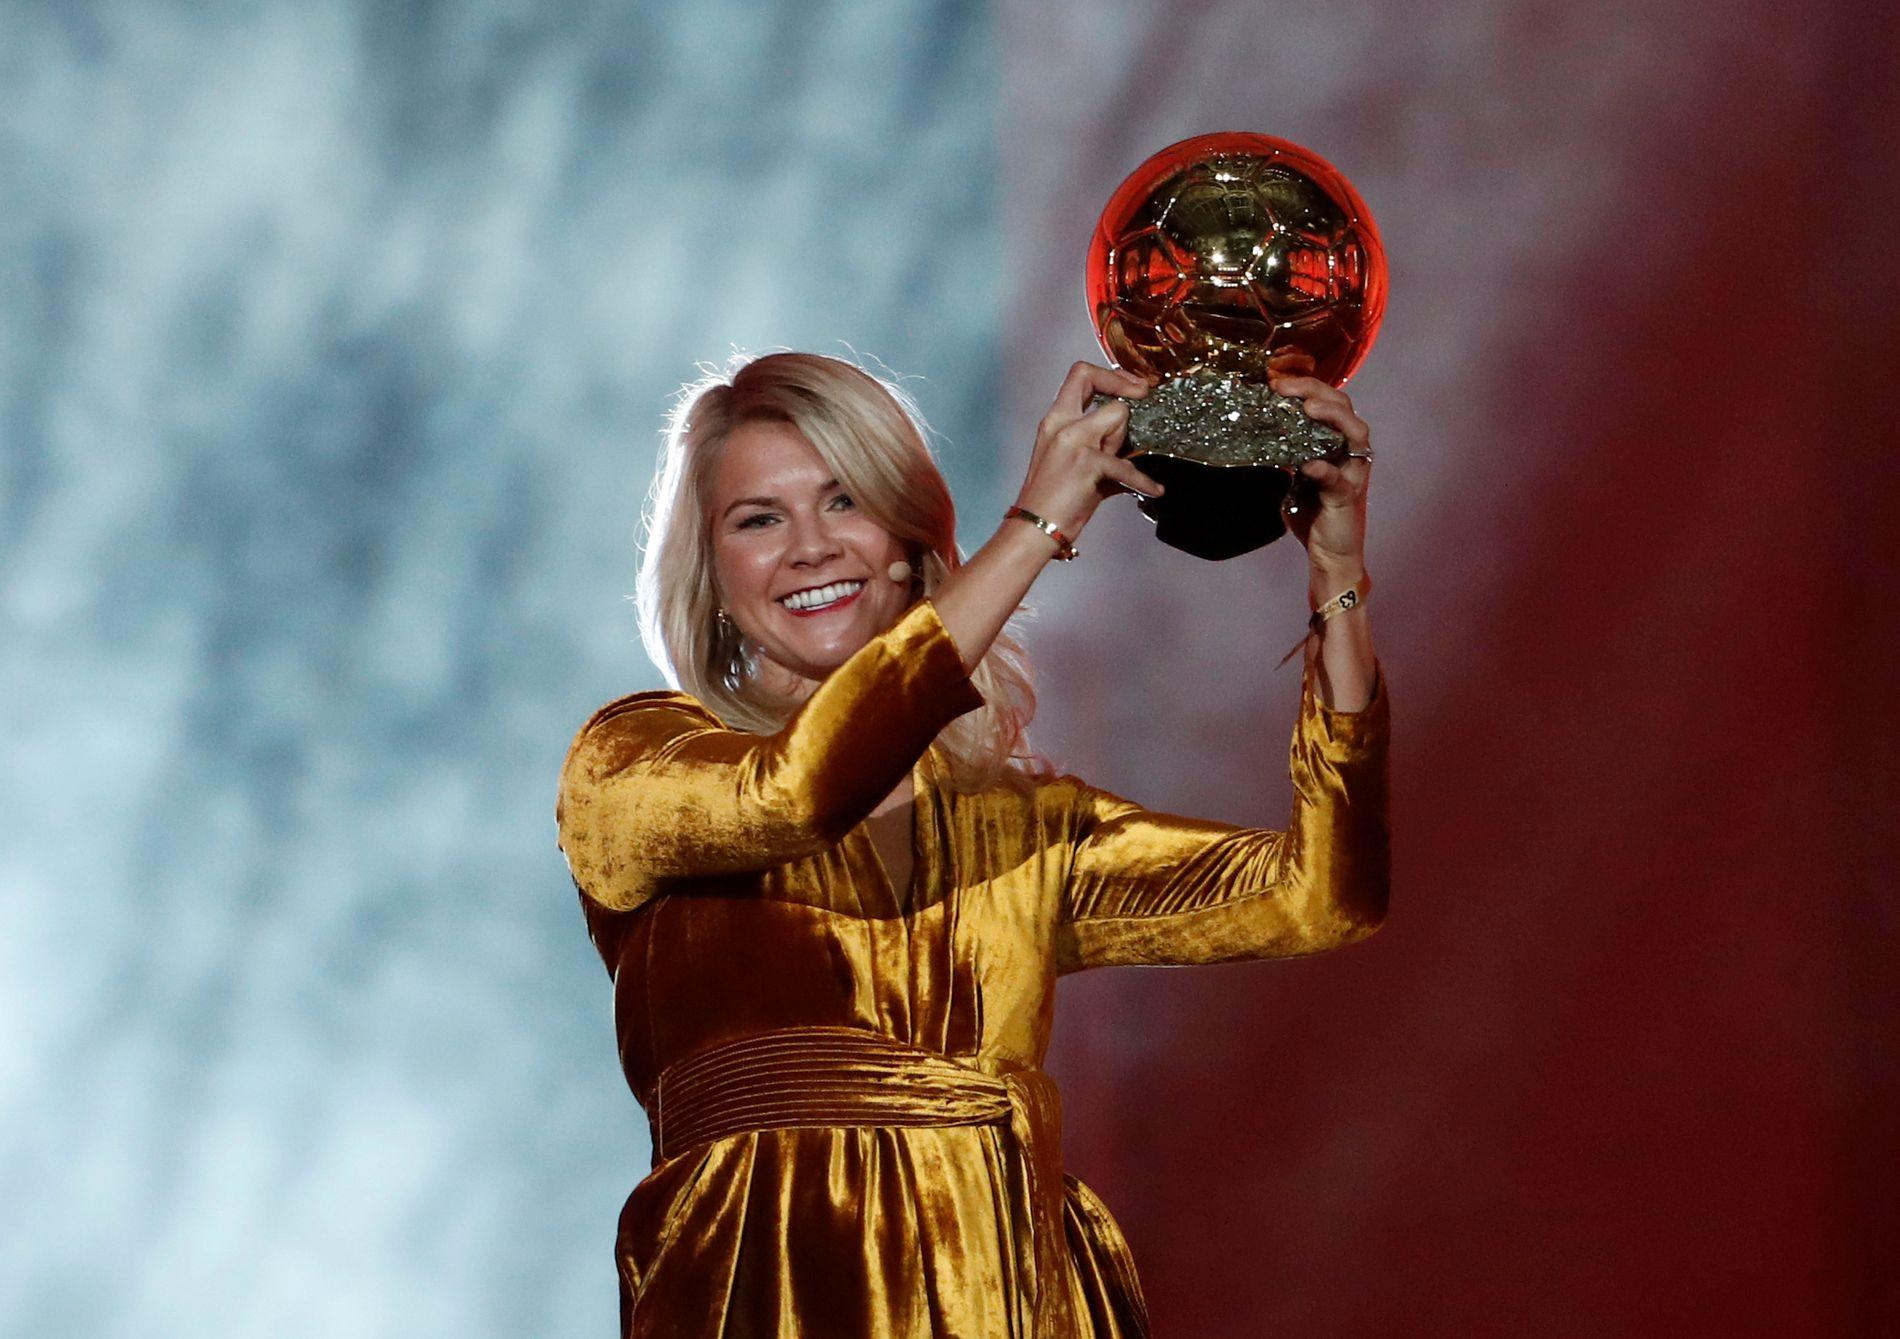 VERDENS BESTE: I fjor vant Ada Hegerberg Gullballen etter å ha blitt kåret til verdens beste kvinnelige fotballspiller.